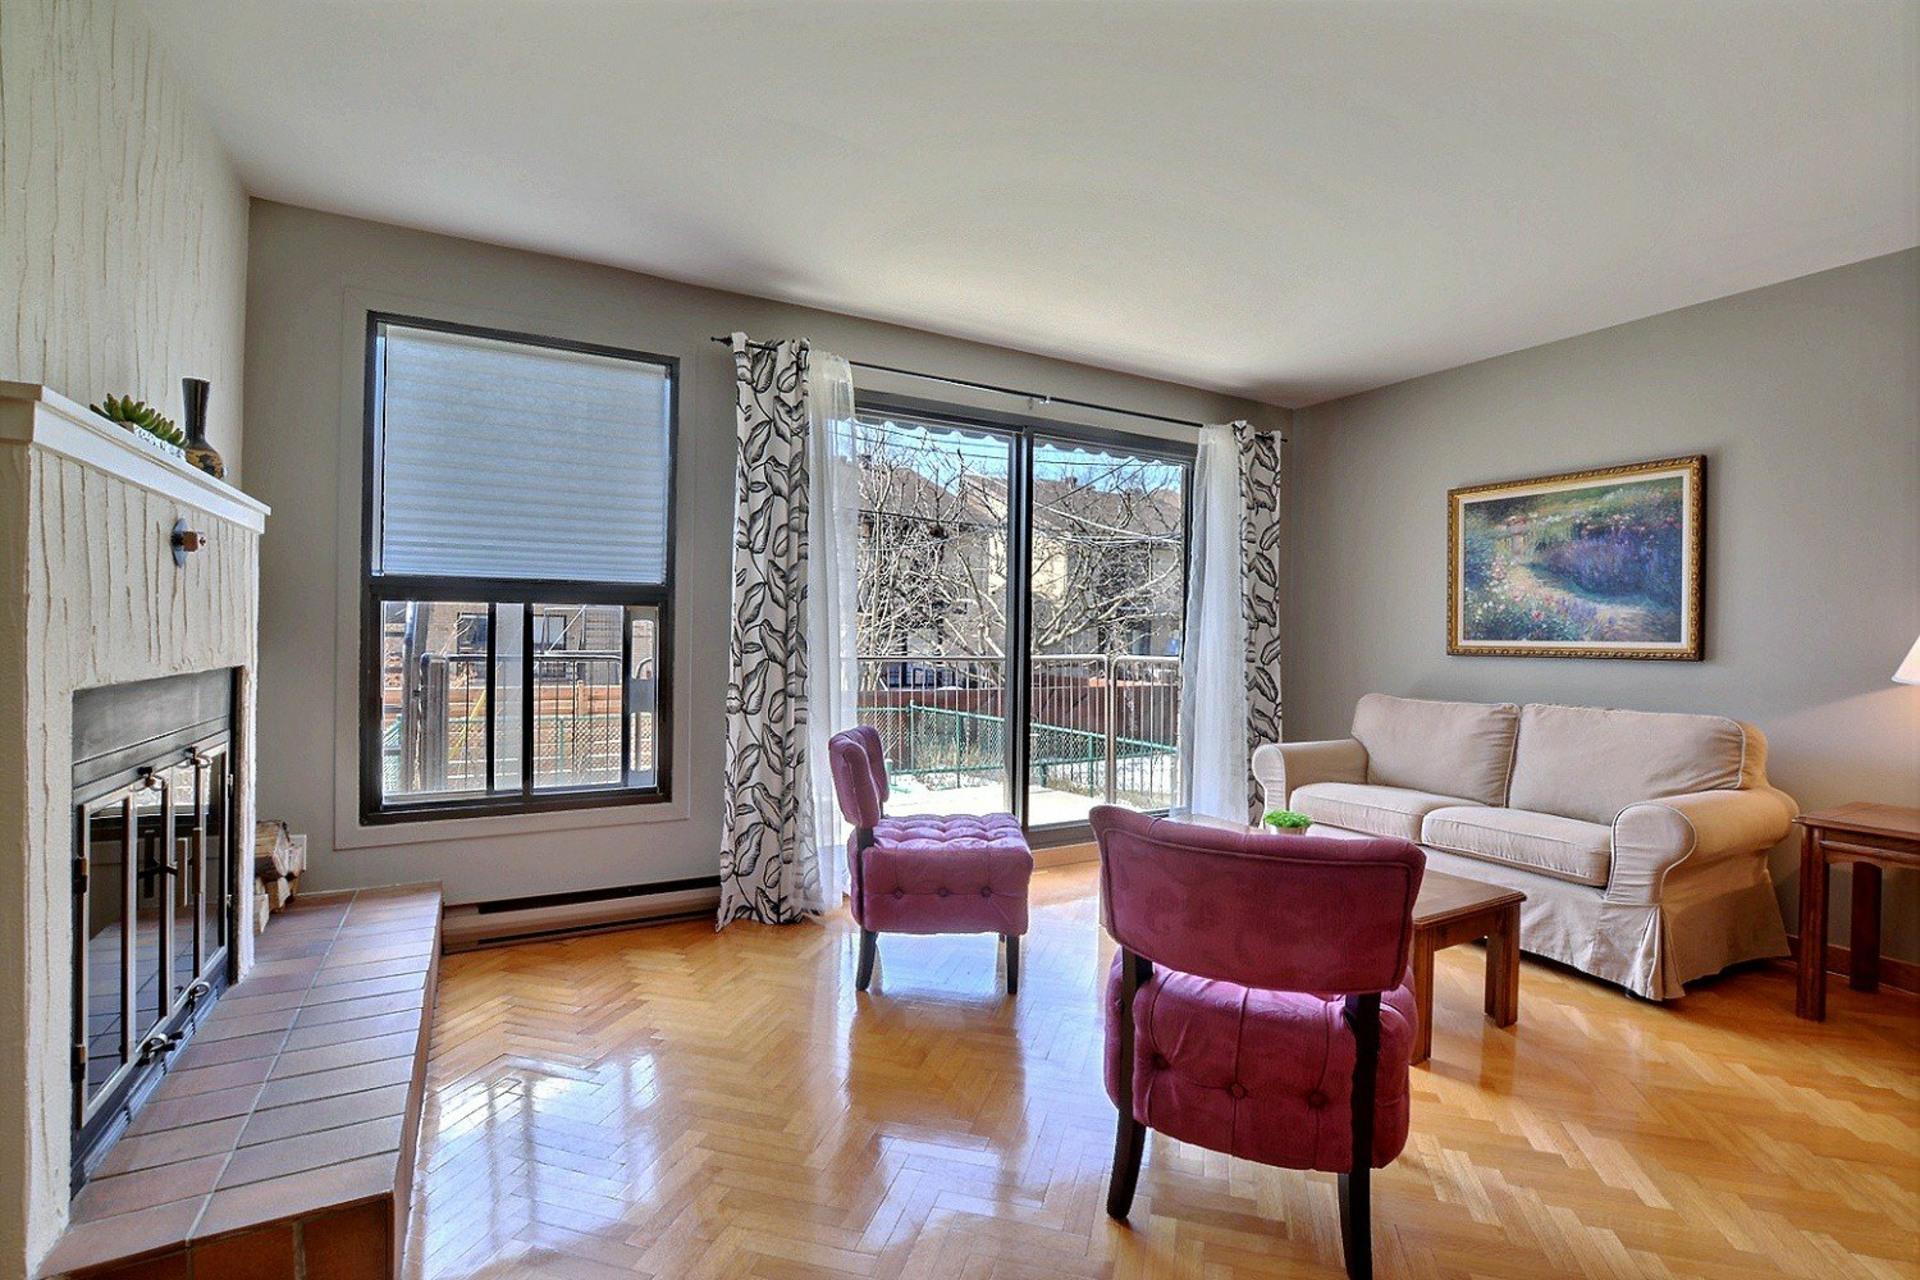 image 2 - Appartement À vendre Montréal Ahuntsic-Cartierville  - 7 pièces